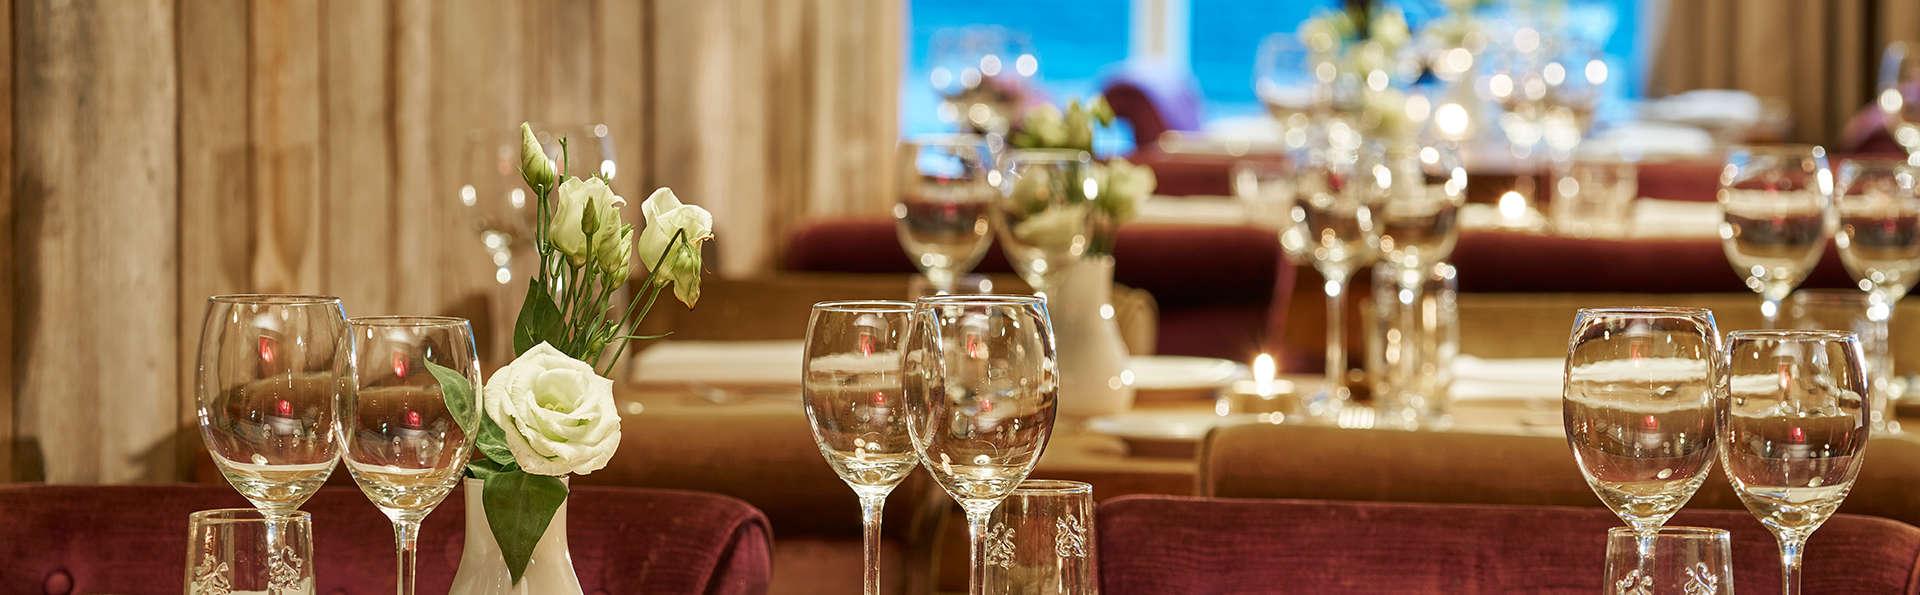 Week-end romantique avec dîner dans le sud du Limbourg